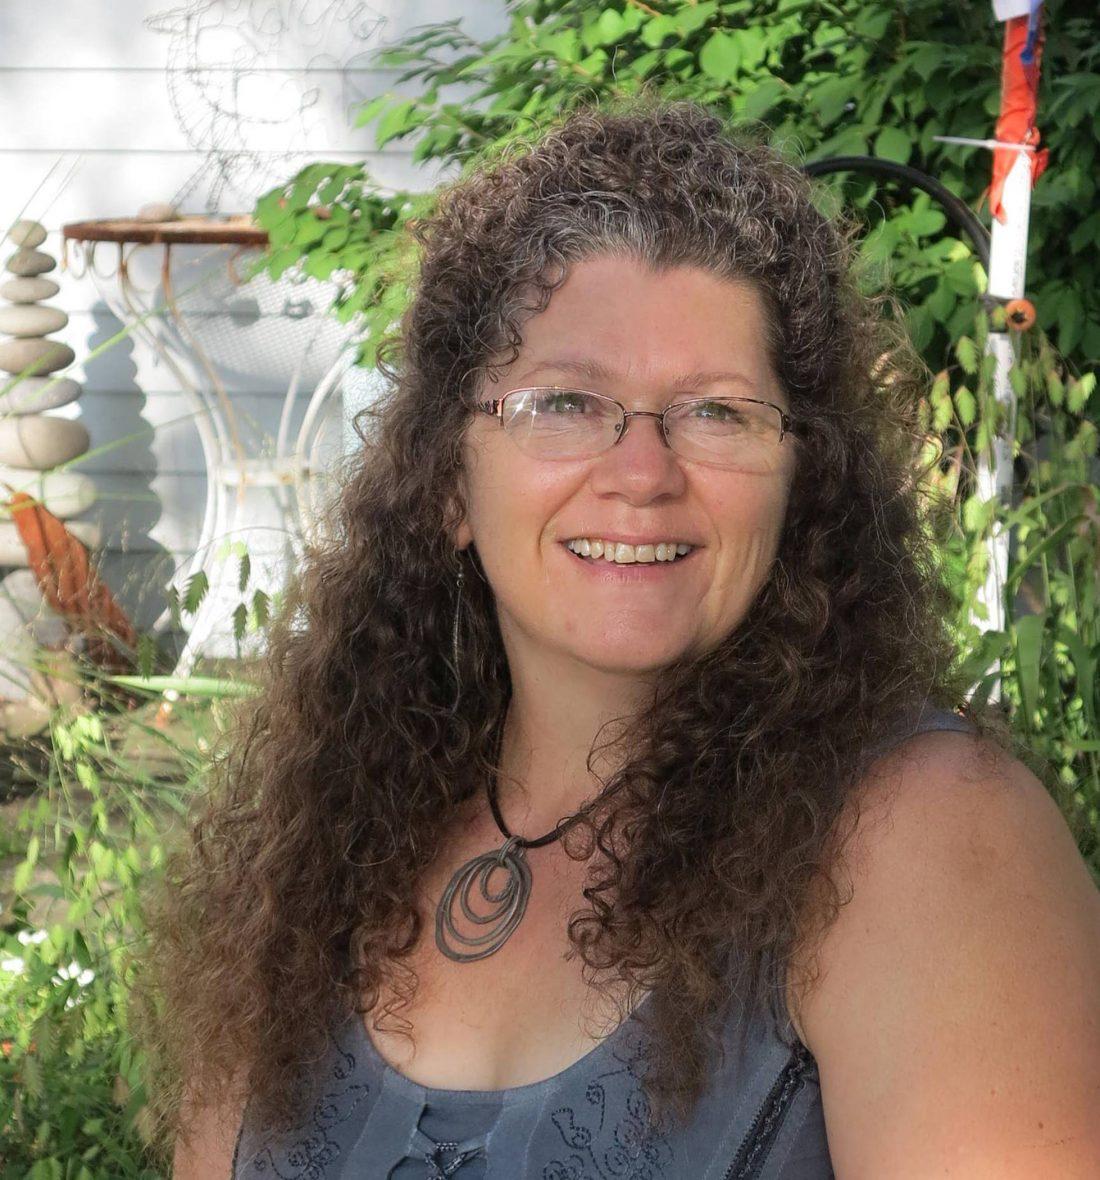 Laura Lein-Svencner